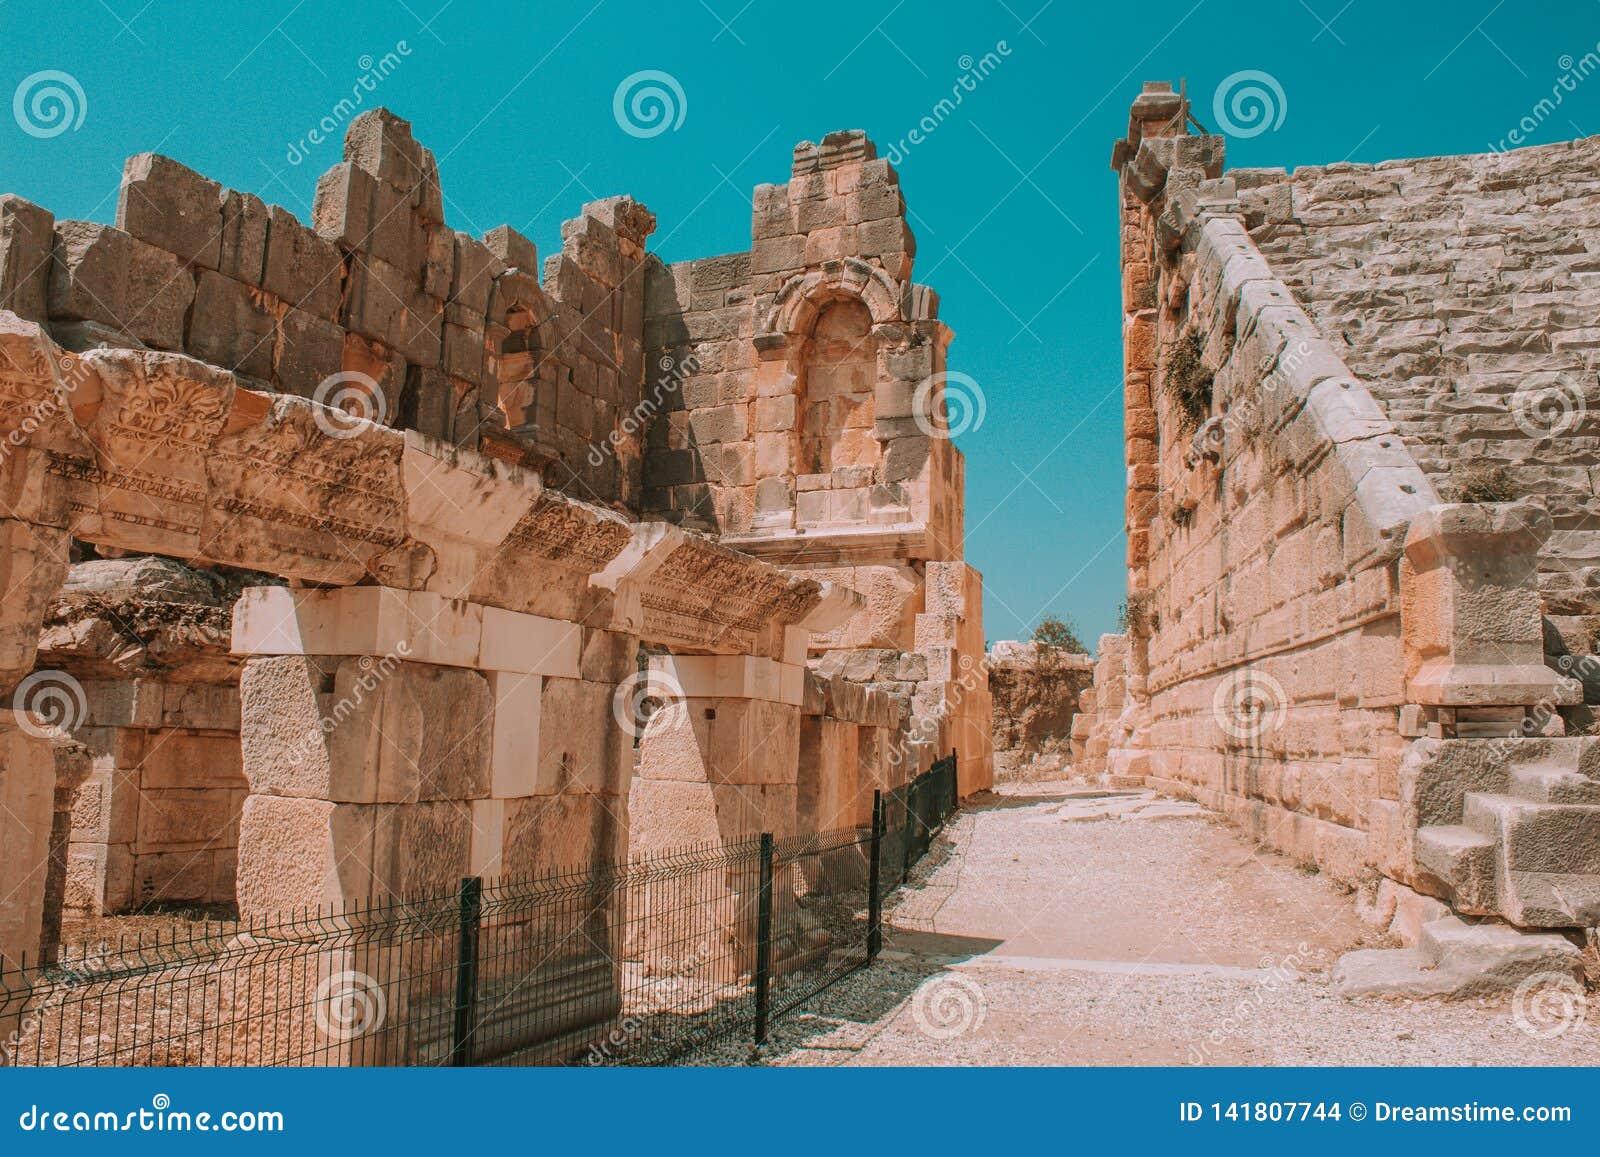 Point de repère Turquie - ruines antiques